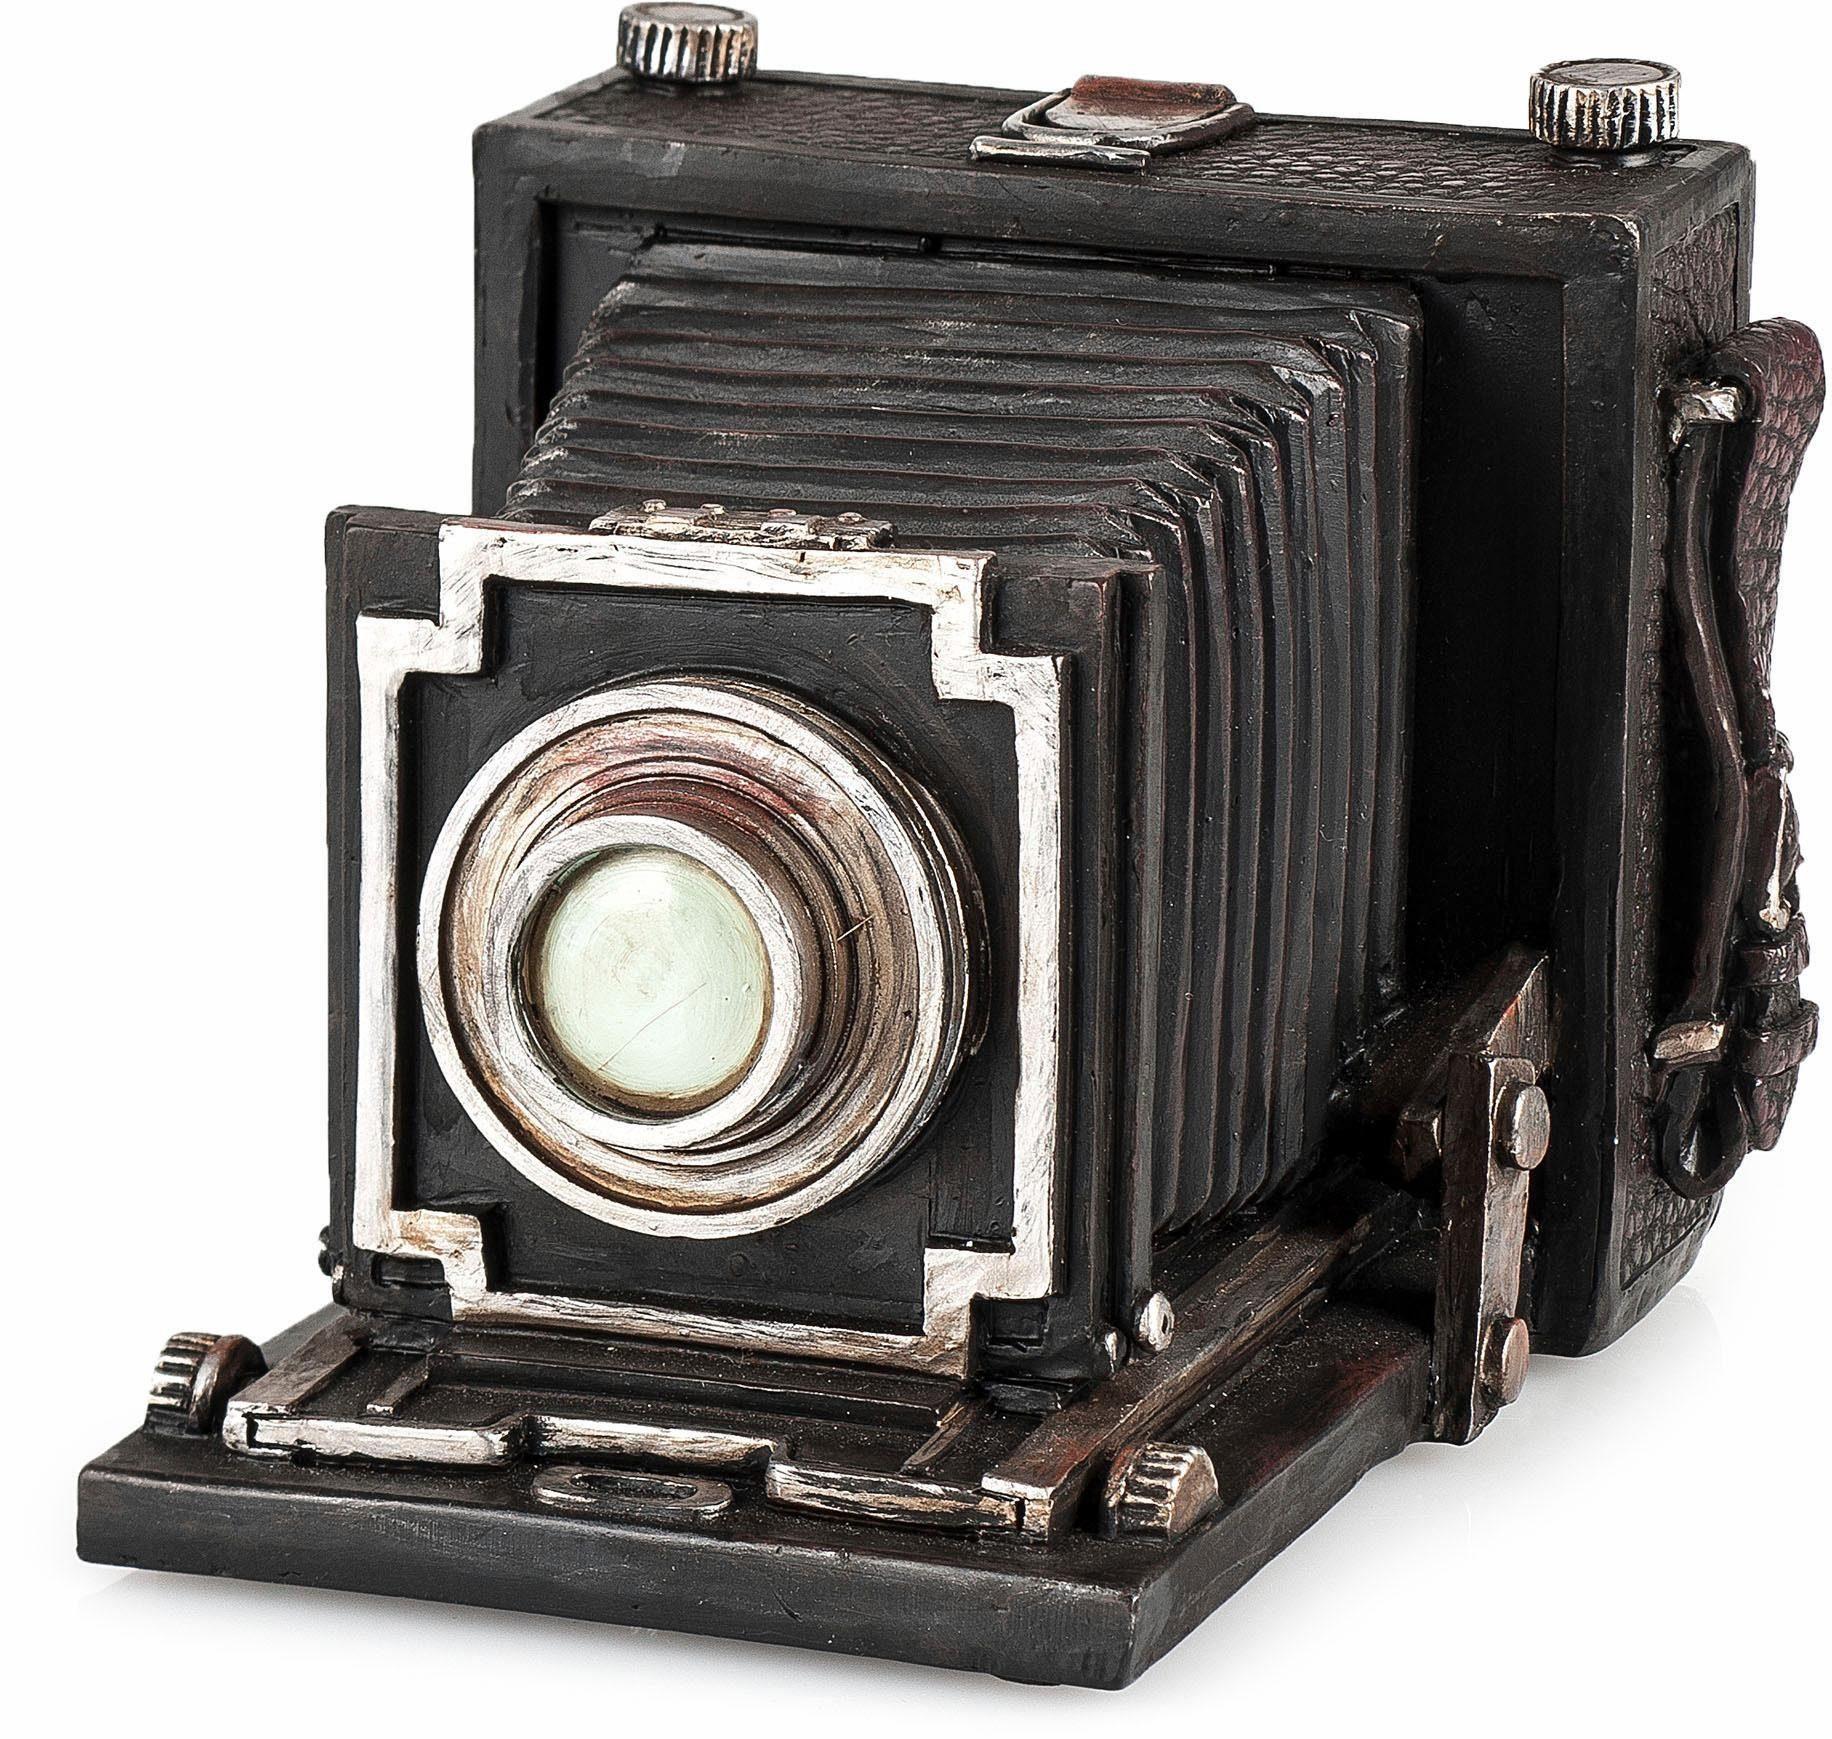 Home affaire Spardose »Fotoapparat«